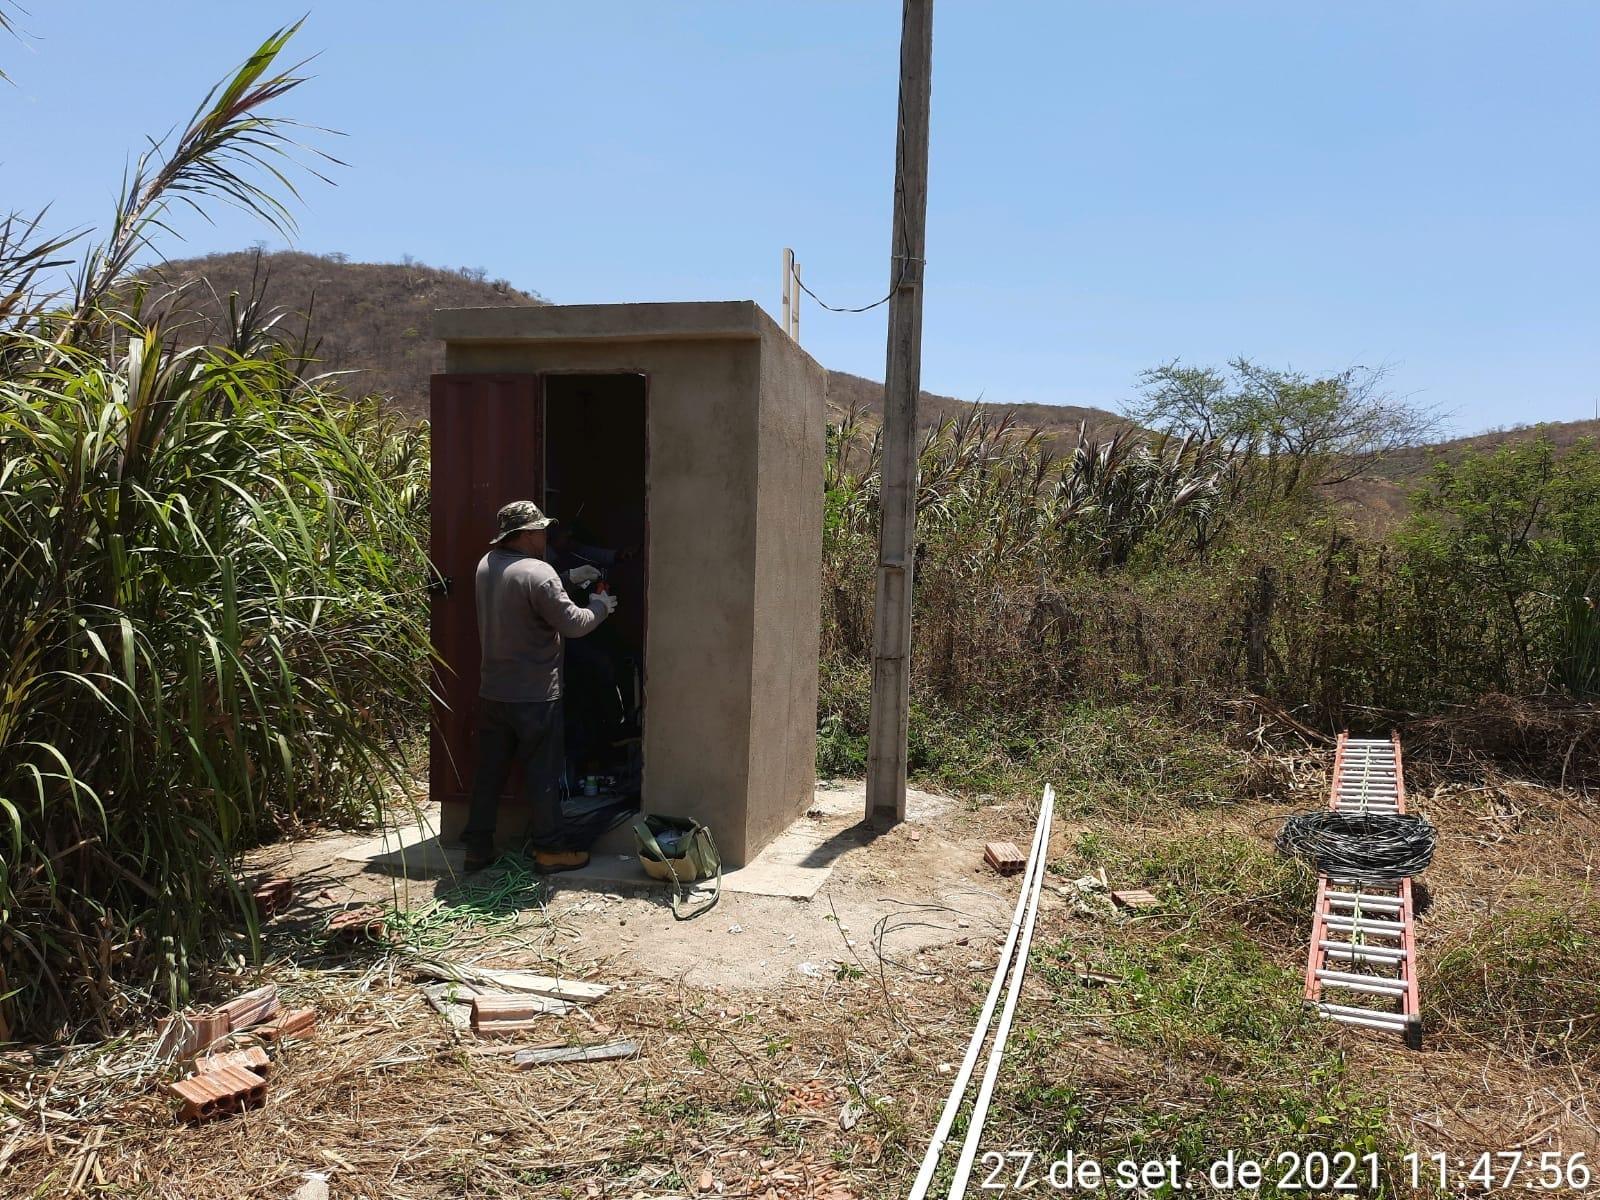 abastecimento-de-agua-baixa-verde-poco-dantas4.png